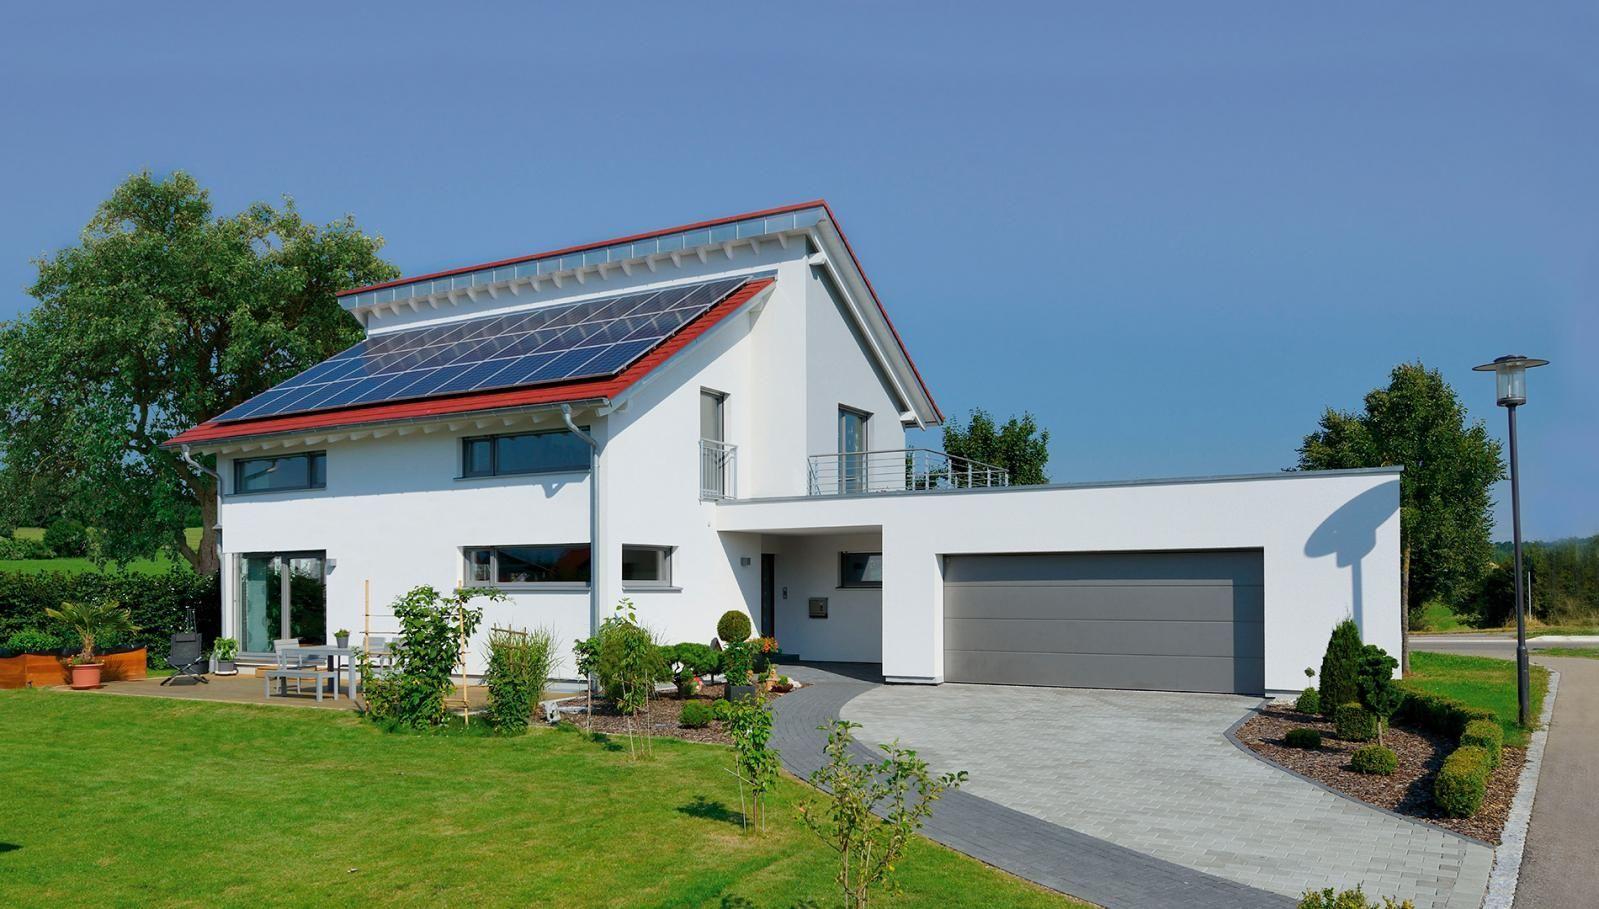 Haus Setter | domy | Pinterest | Moderne häuser, Traumhäuser und ...